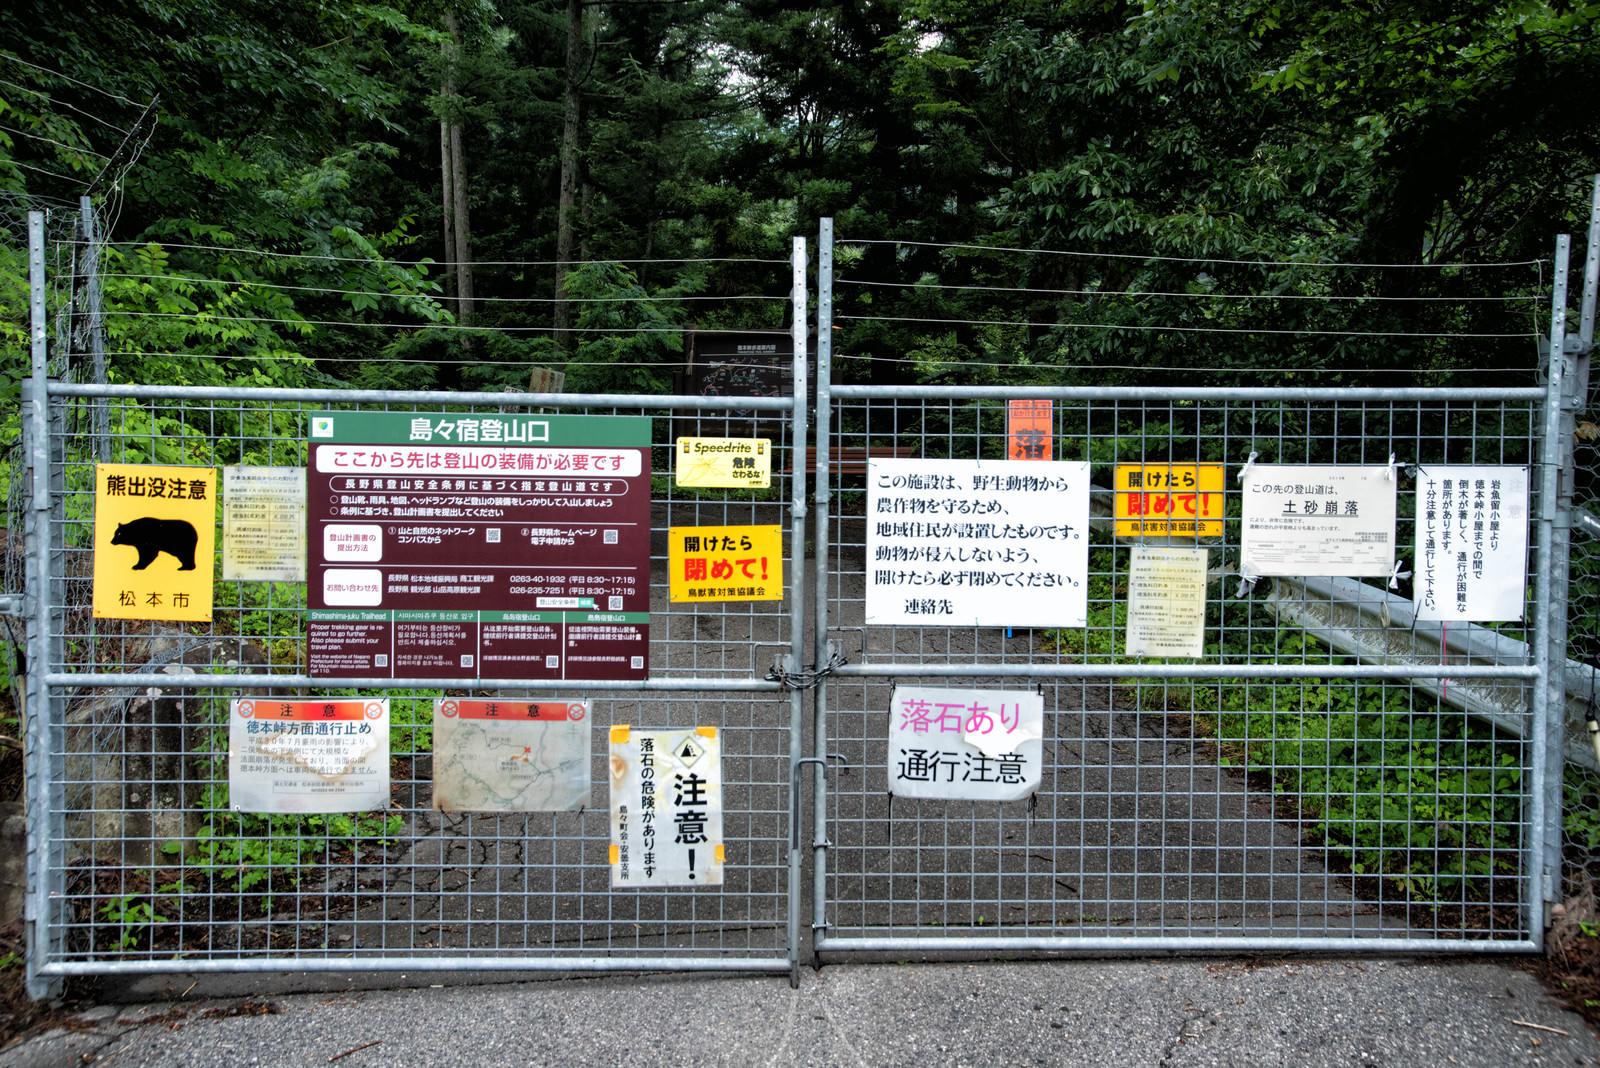 「徳本峠へ通じるゲートに取り付けられた警告の数々」の写真